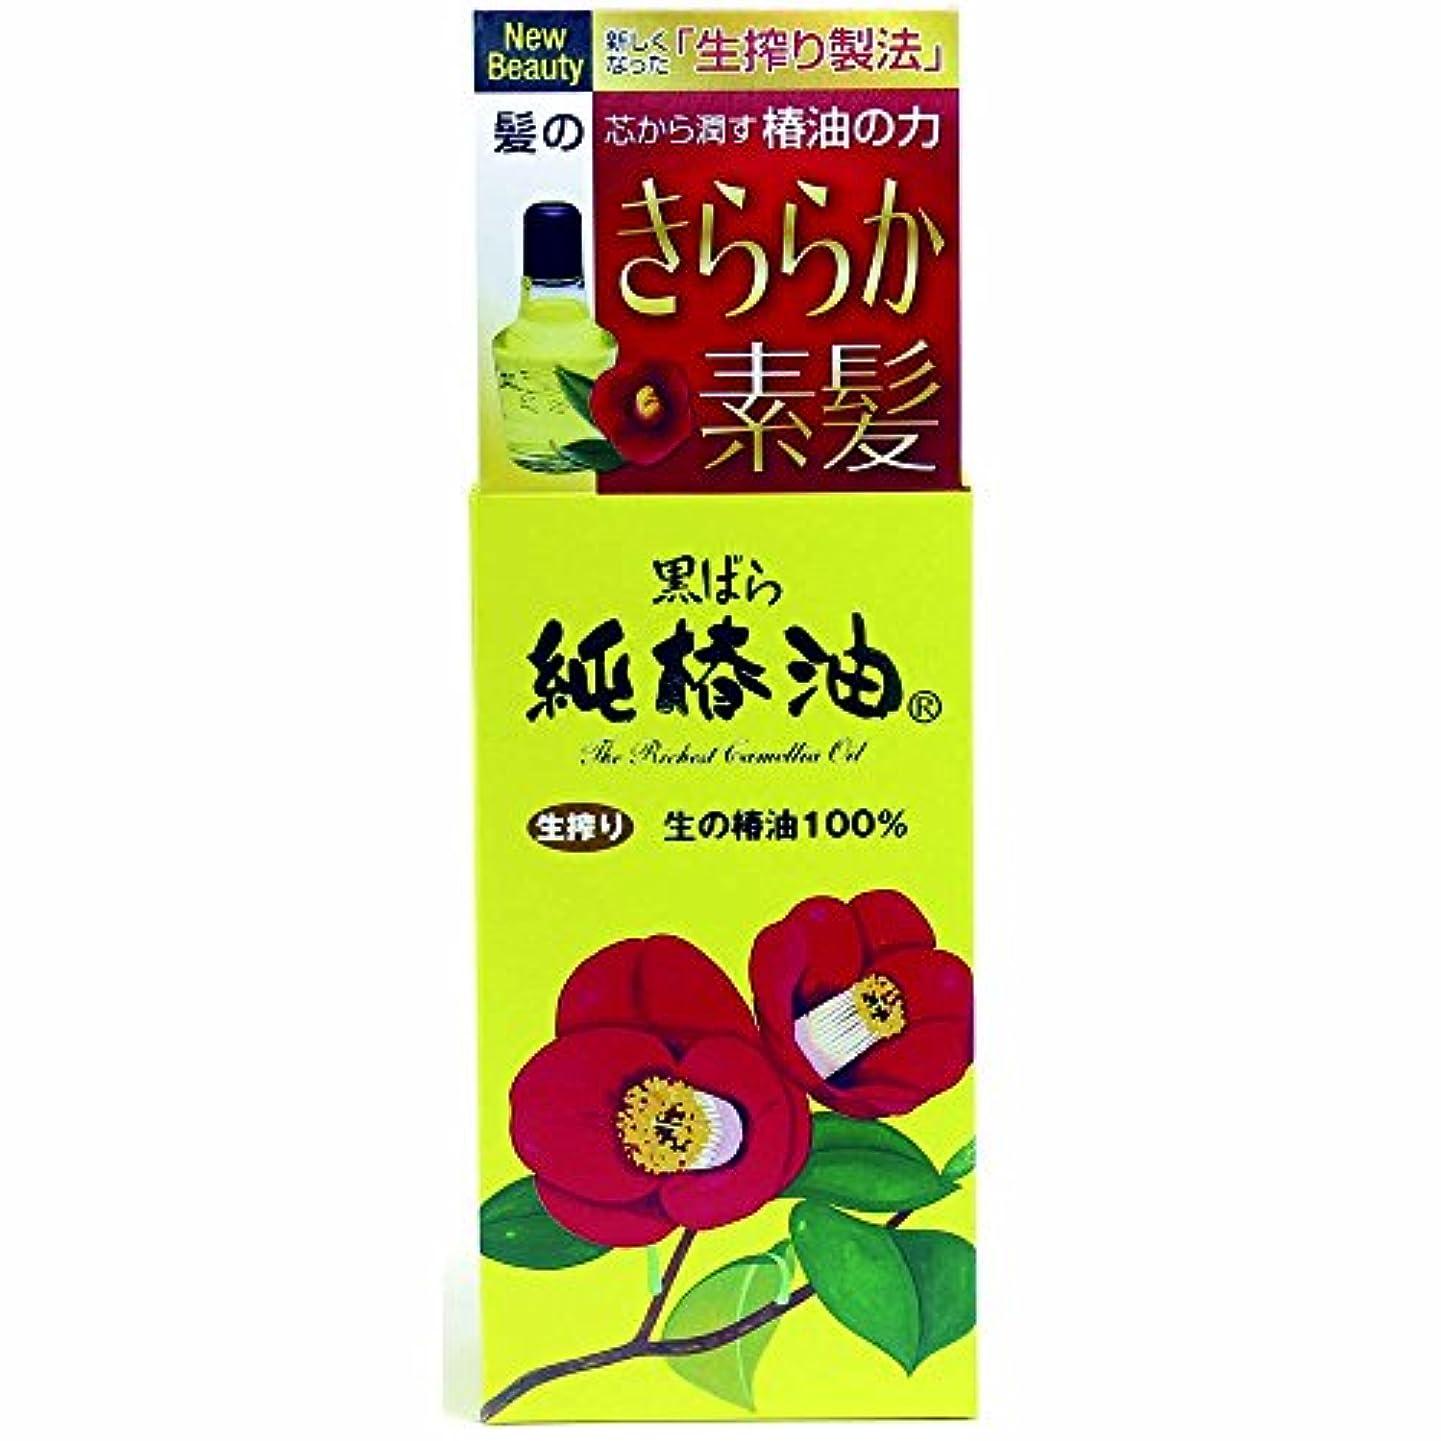 可能男らしさである黒ばら 純椿油 (72mL)